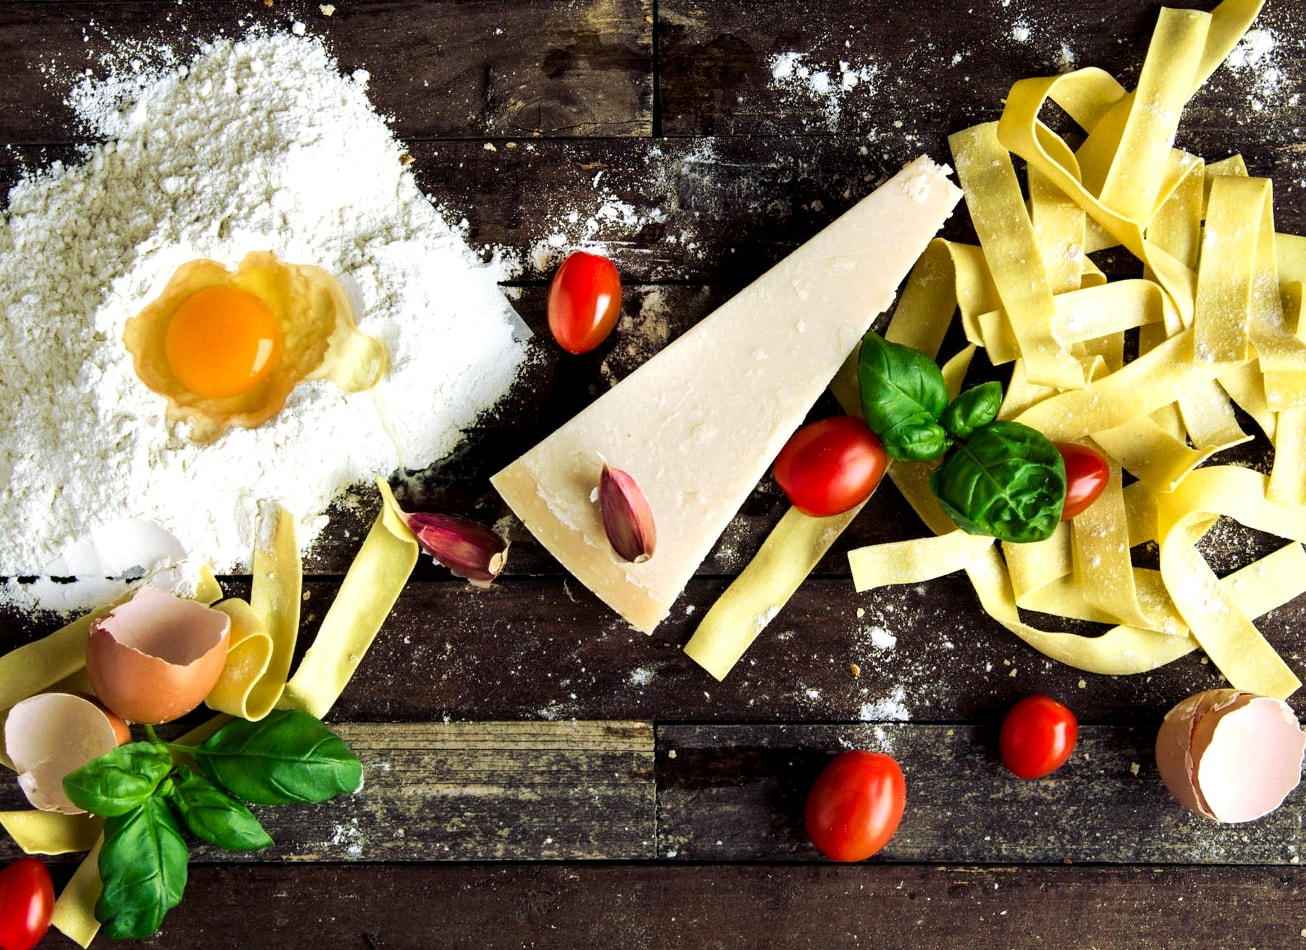 cours de cuisine Italienne chef pasta pates rome activites vimigo